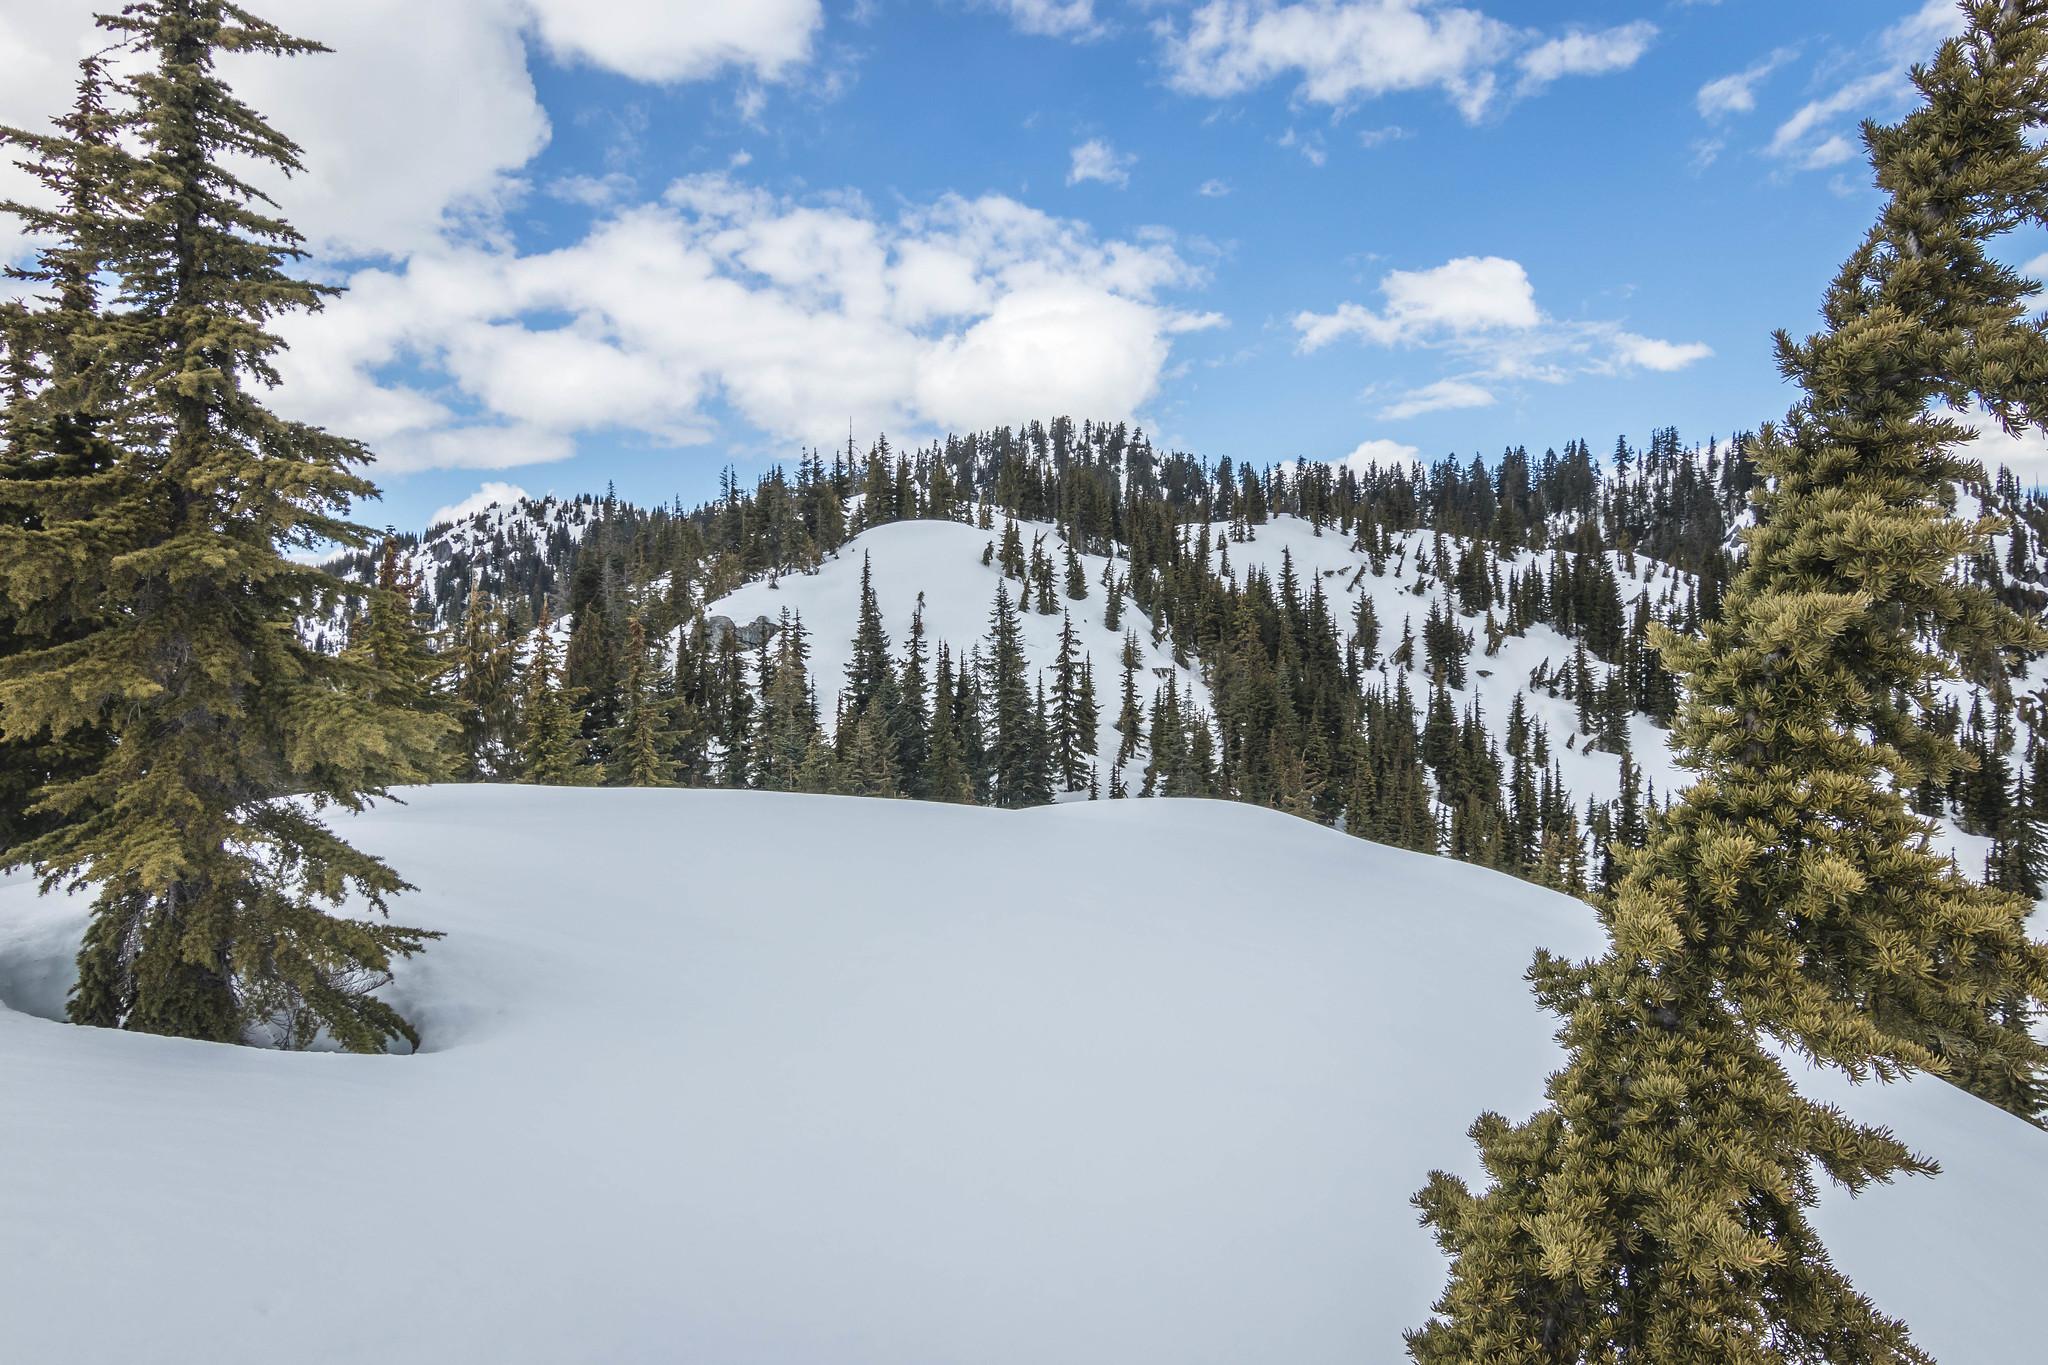 Salvation Peak summit up ahead